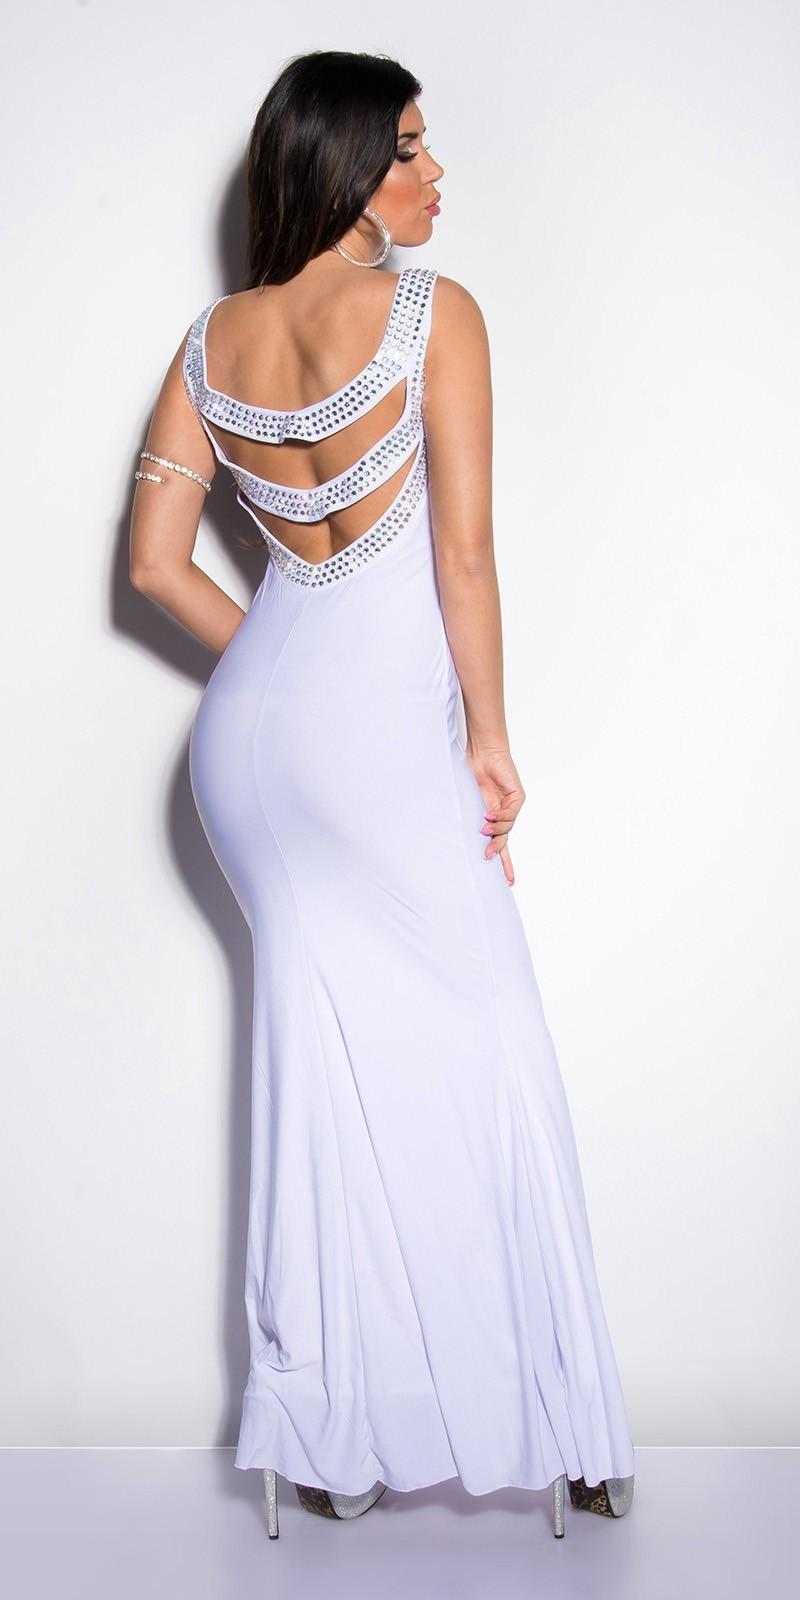 a339c24d5adb Spoločenské šaty s kamienkami White – Sissy Boutique